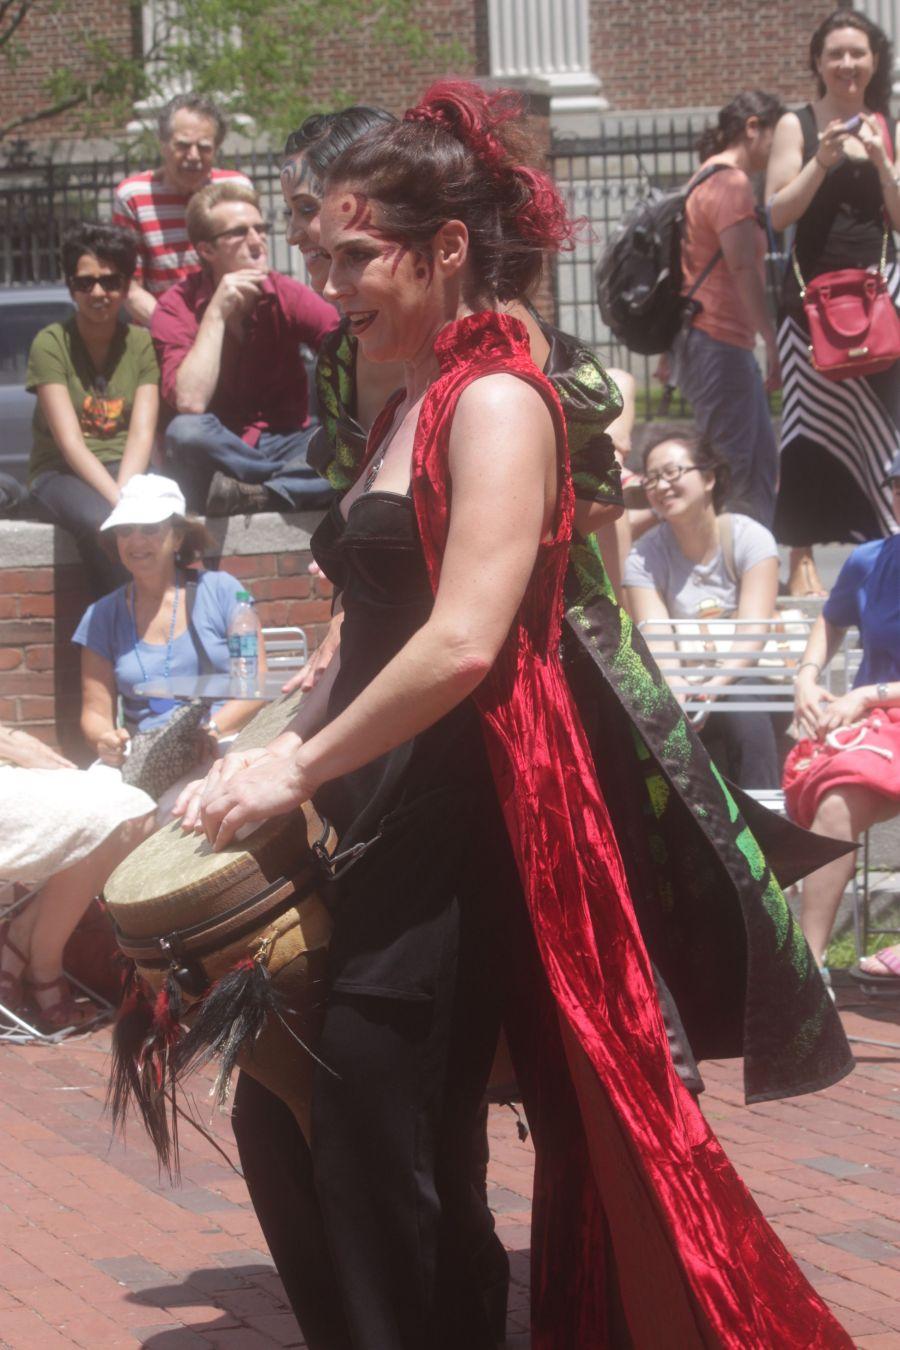 boston harvard square cirque du soleil performers 12